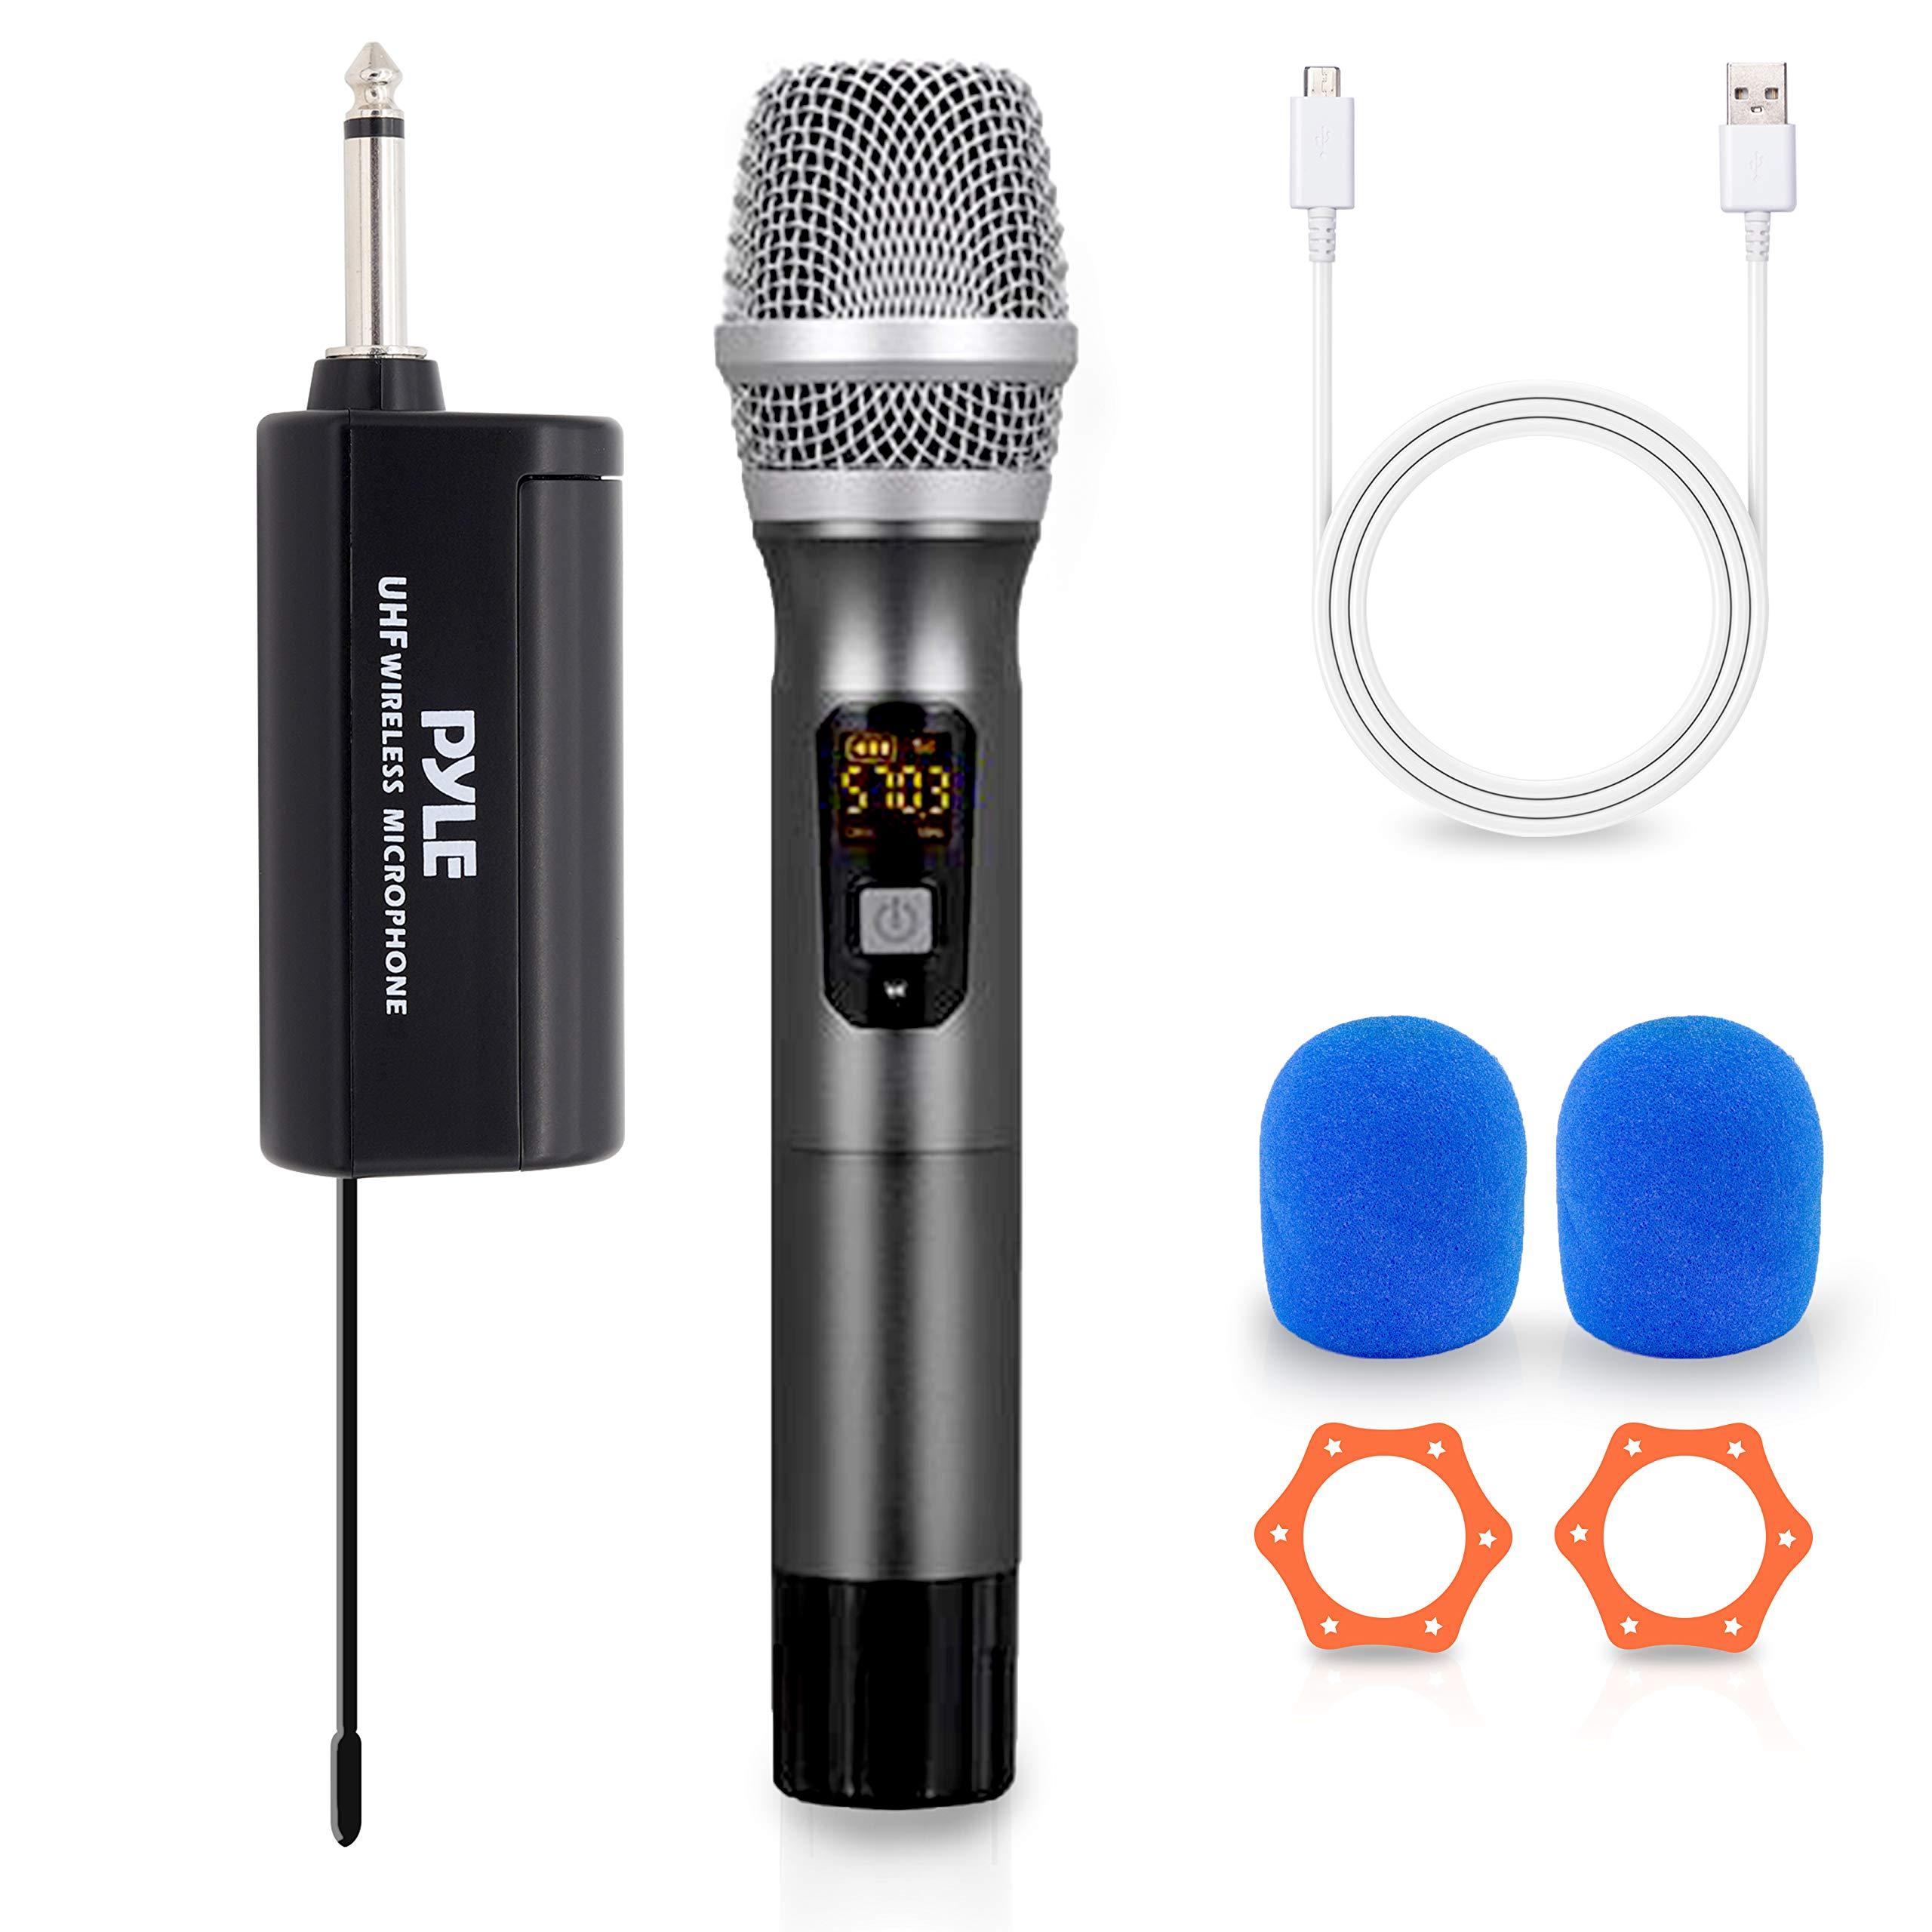 Microfono Pyle PDWMU103 UHF Wireless System - Handheld Mic &